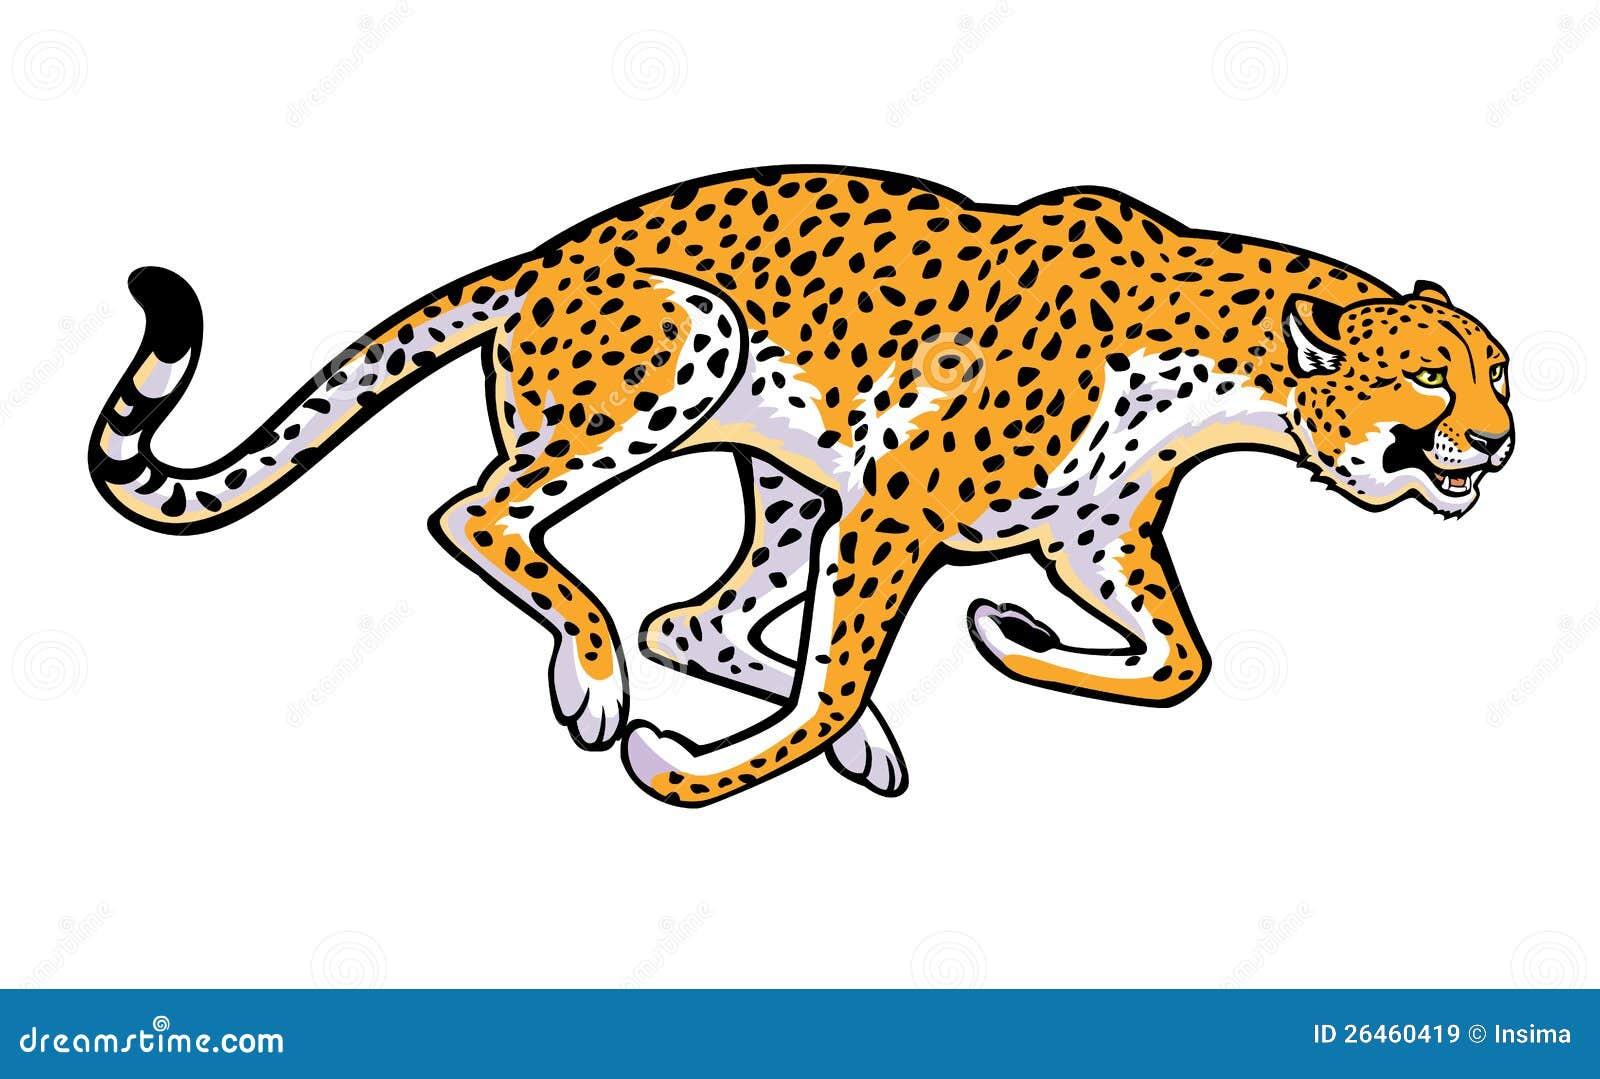 Running cheetah vector - photo#7